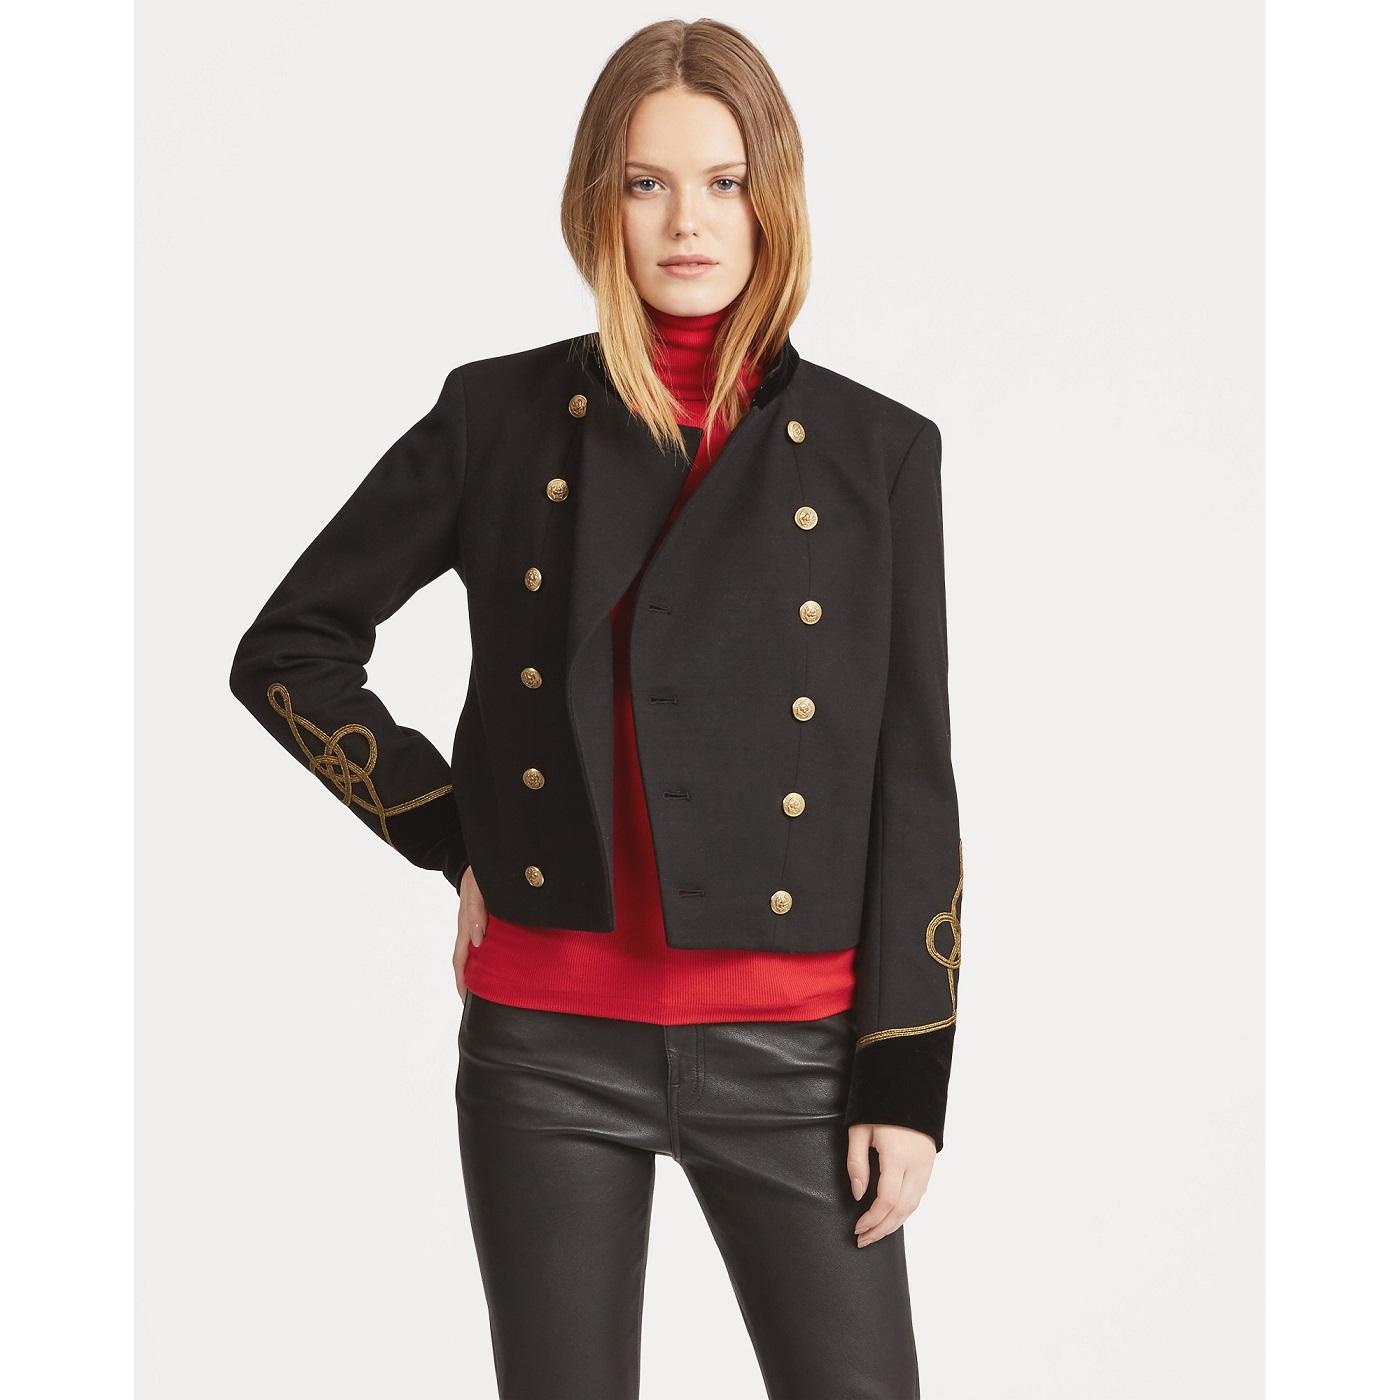 Polo Ralph Lauren Veste militaire bordée de velours - Veste Femme Ralph  Lauren  (Mode) ... at   Neuf, En stock Découvrez les Nouveautés de La  boutique en ... 34101c70da52